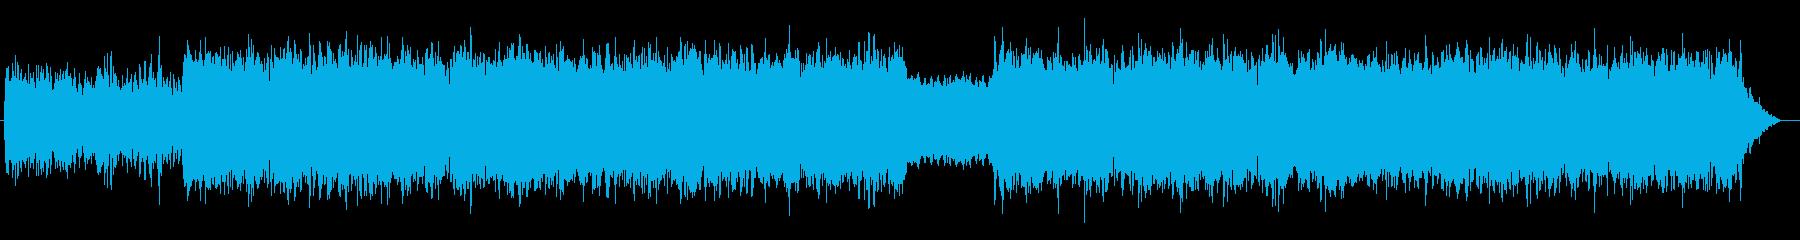 幻想的で浮遊感のあるアンビエントの再生済みの波形